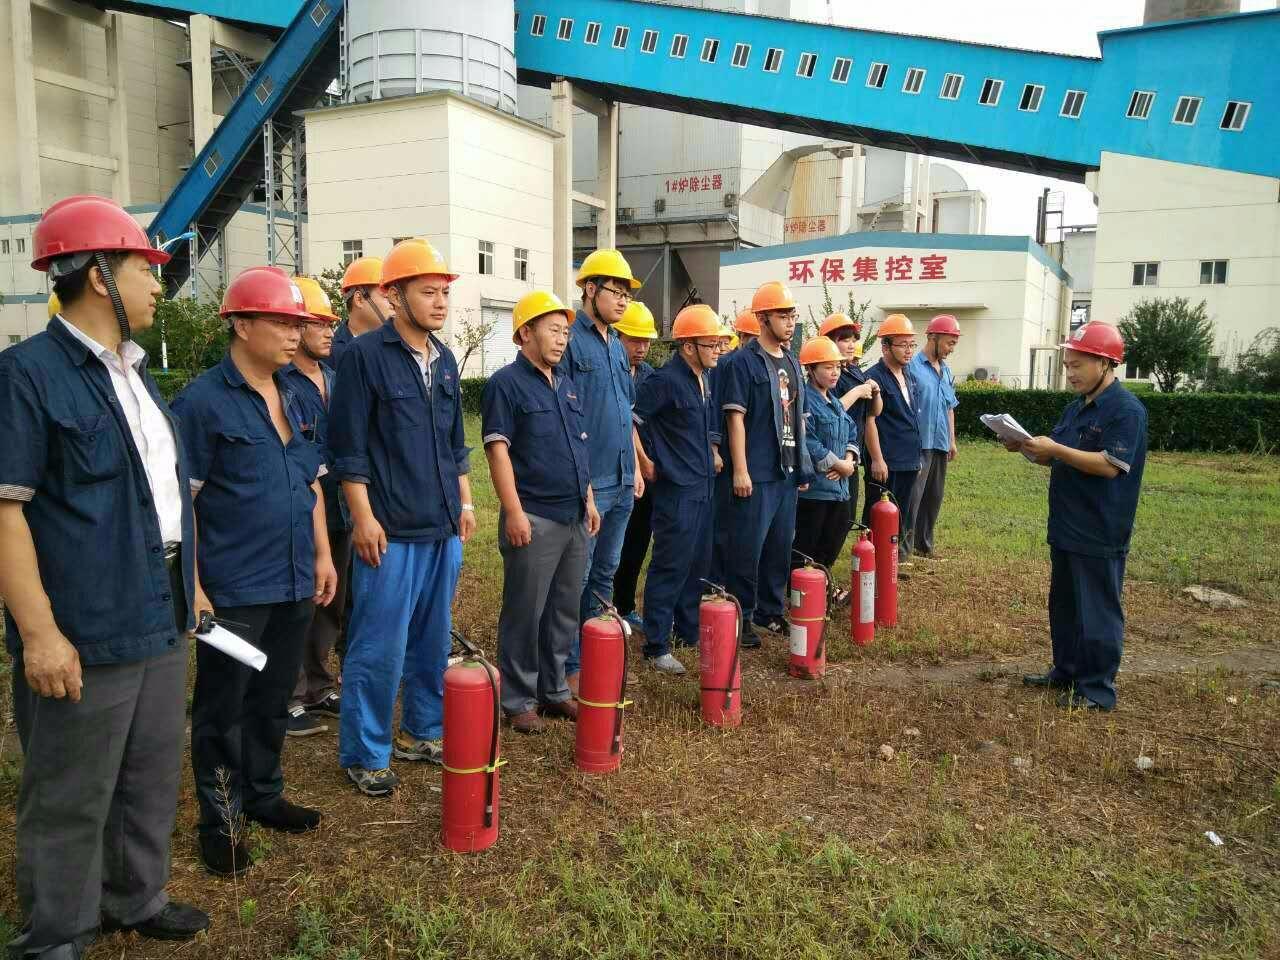 富源热电公司组织职员进行防火演练,